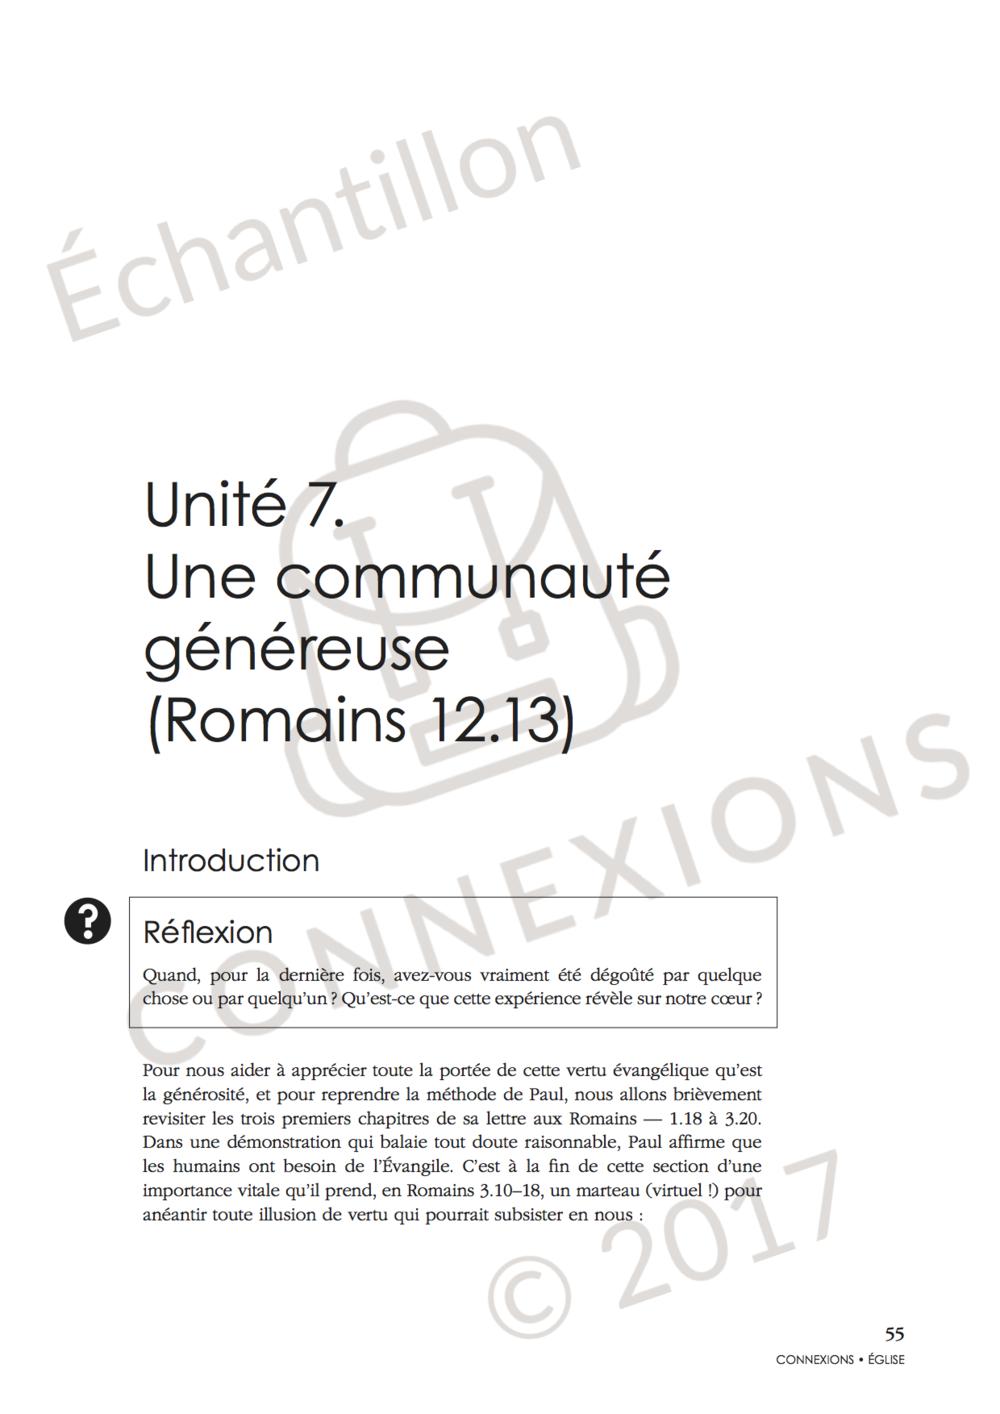 L'Évangile au cœur de la communauté_sample_published.3.png